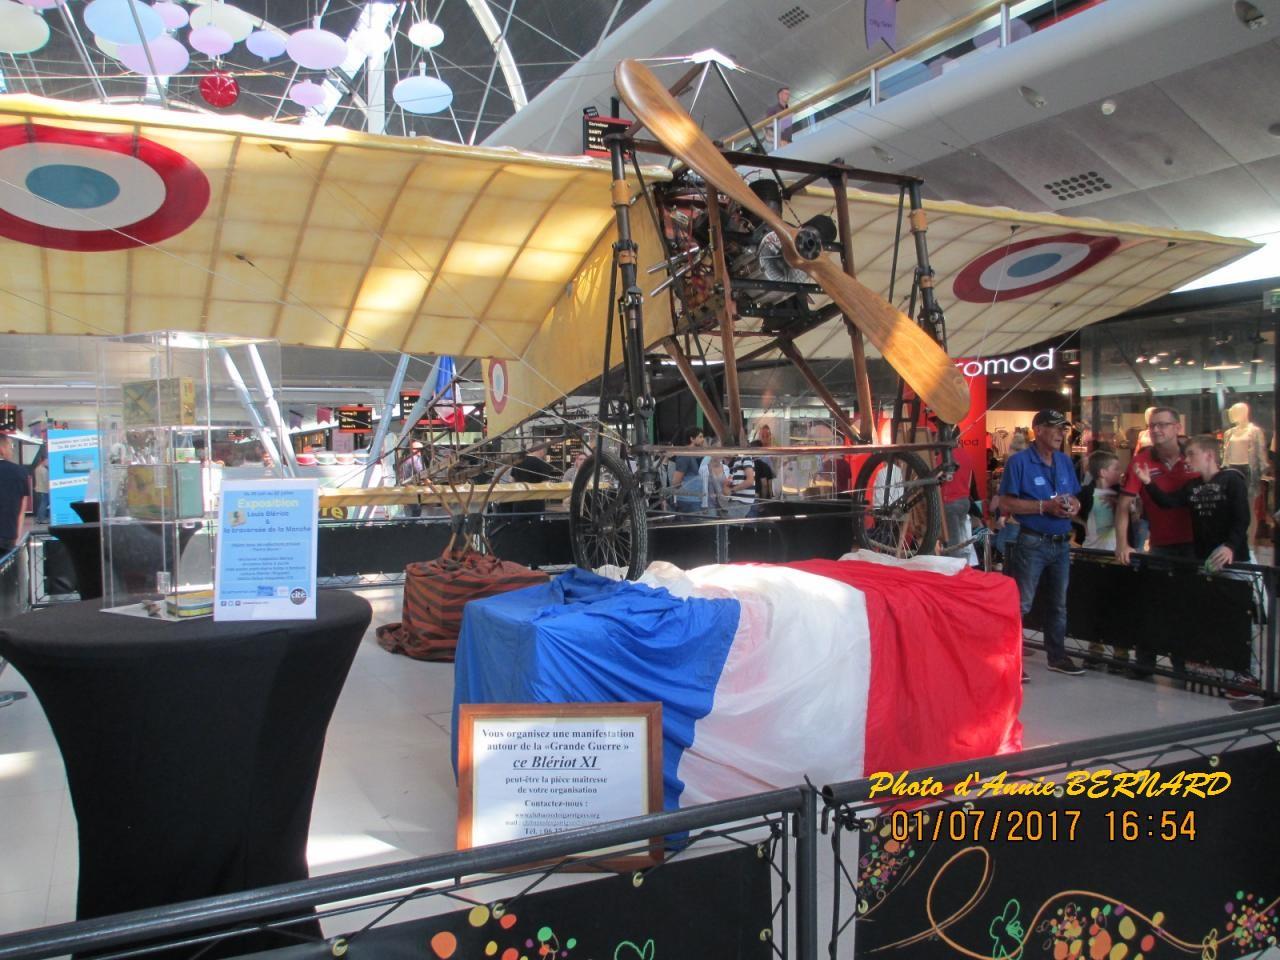 """Reproduction de l'avion """" Le Blériot """"de l' aviateur Louis Blériot"""